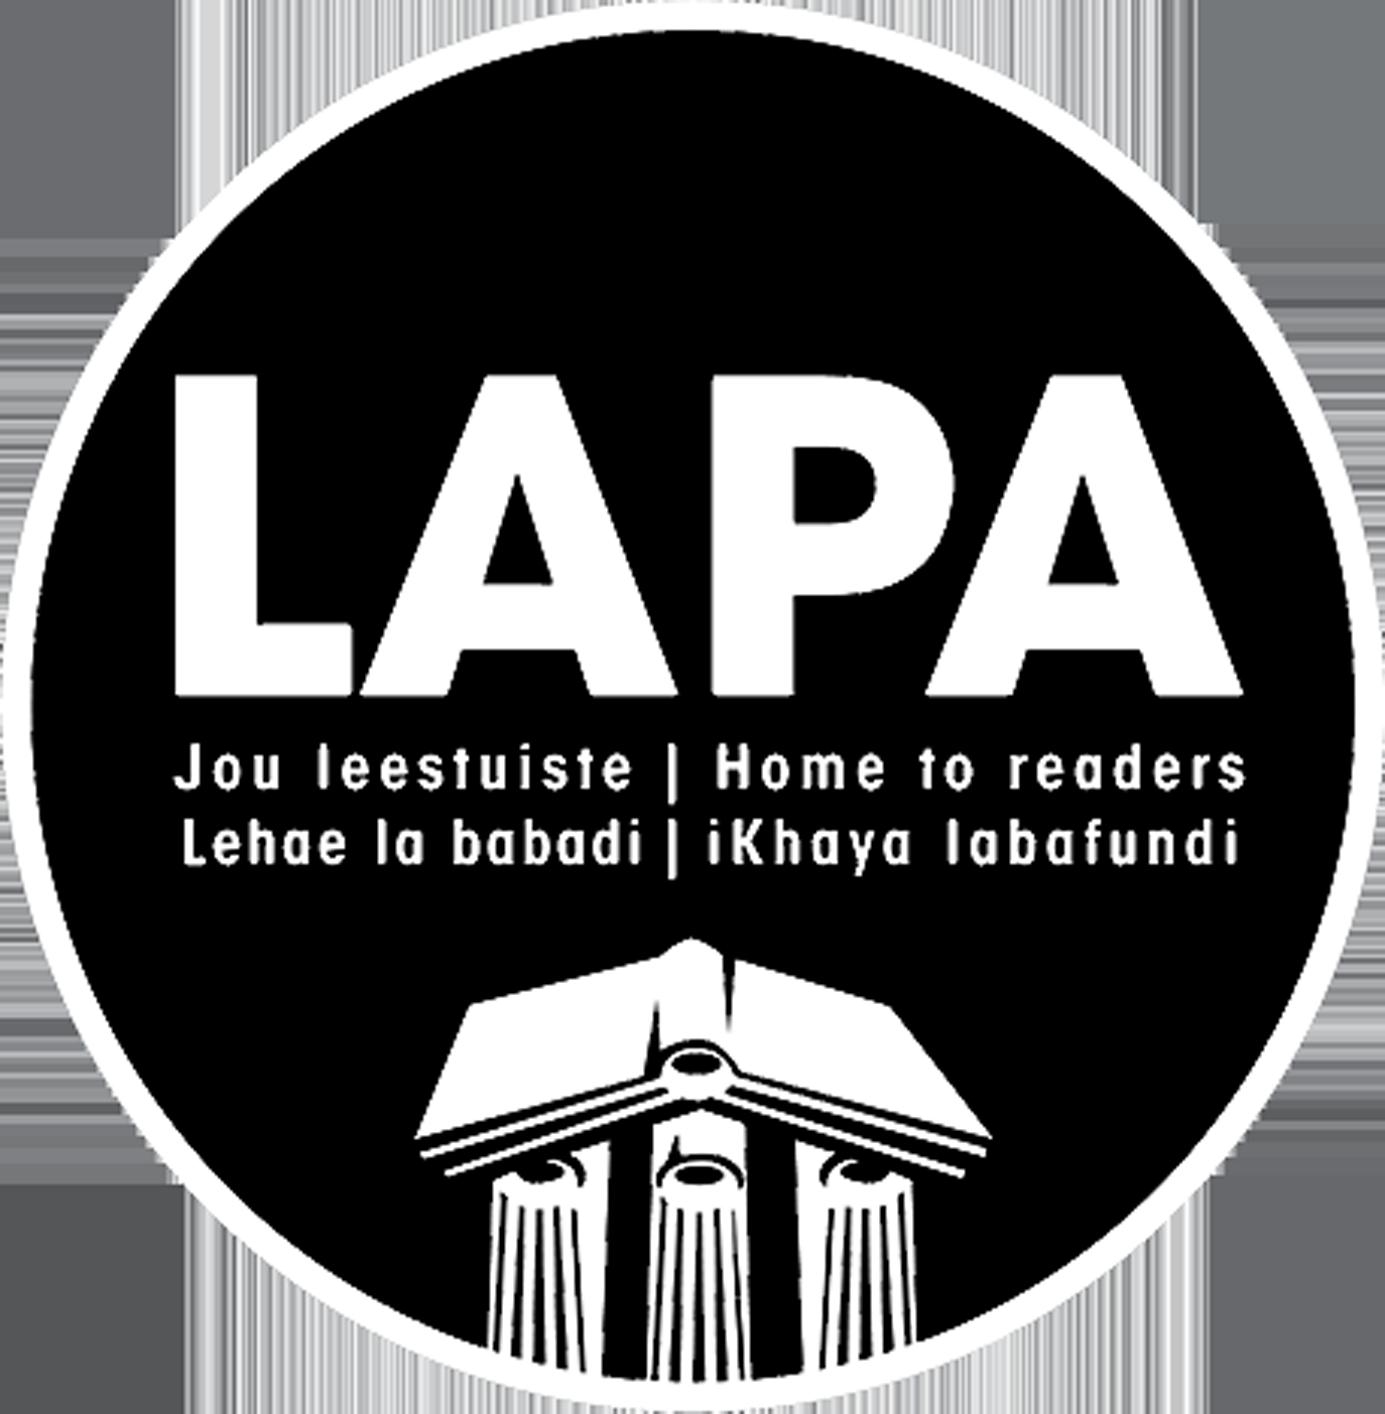 LAPA-logo-nuut-2018_donkerder.png